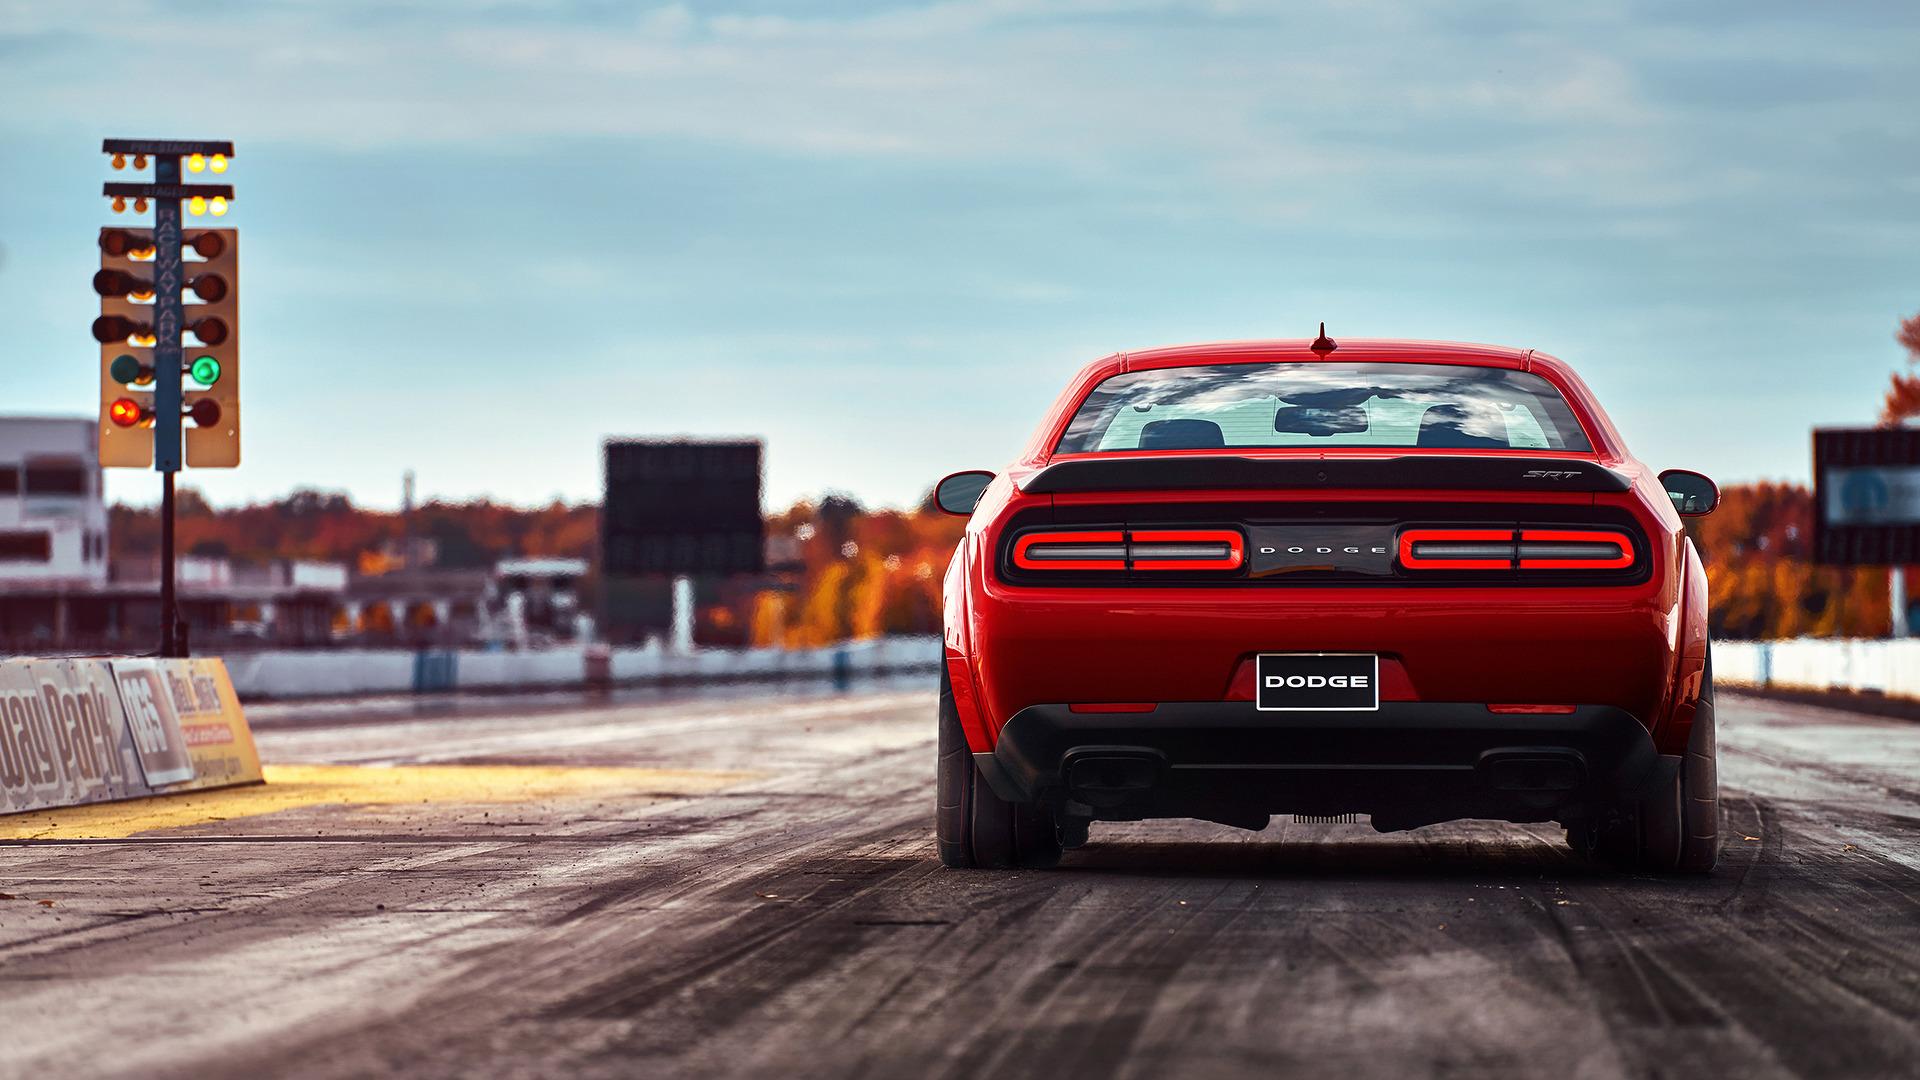 Dodge Challenger Srt Demon Holds Guinness Record For